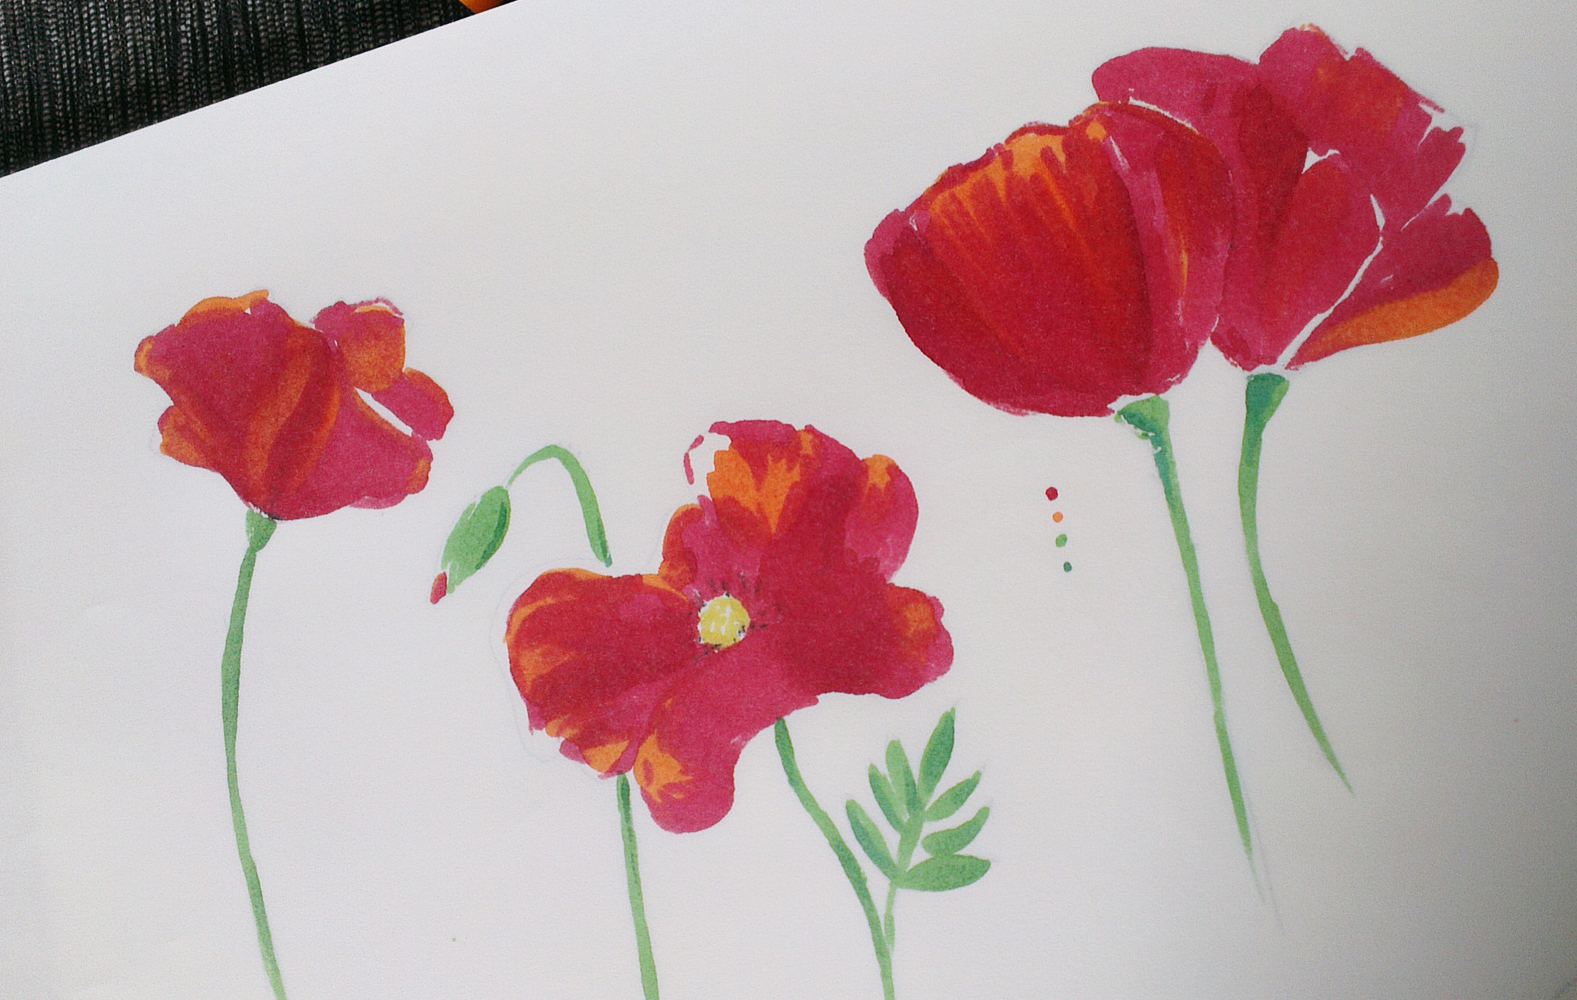 Die Rückseite des Papiers – Die Farben scheinen durch, bluten aber nicht auf die folgenden Blätter im Block.